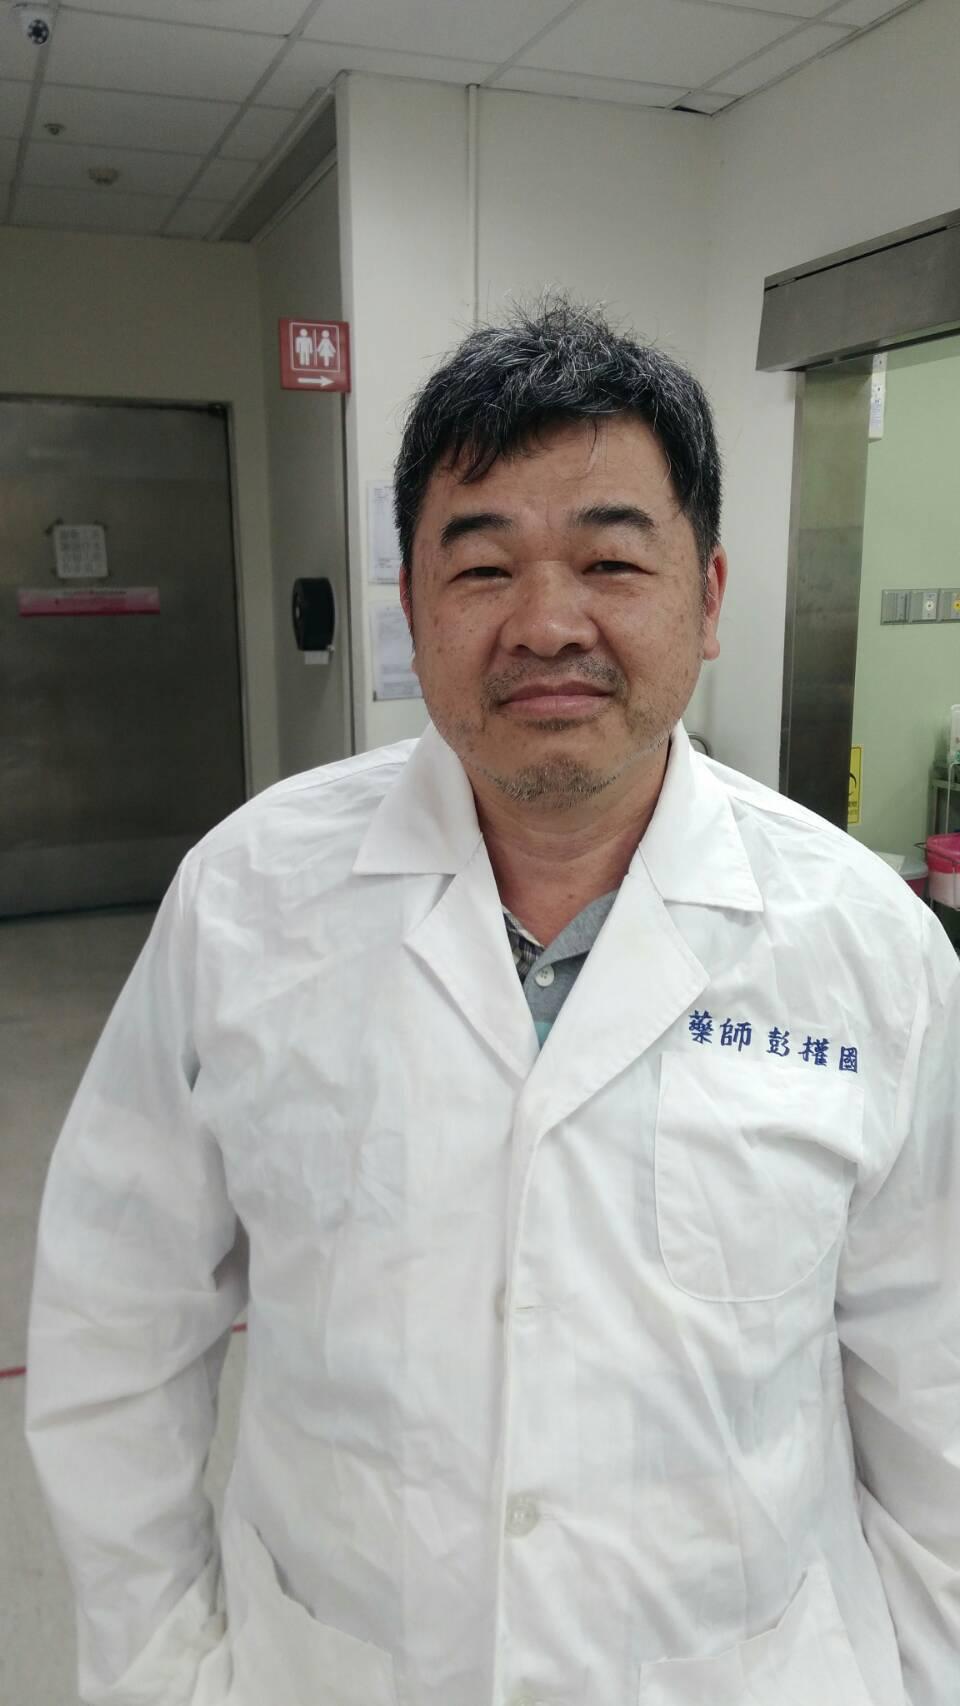 衛生福利部台東醫院藥師彭權國,第3度挑戰年底縣長選戰。圖/彭權國提供